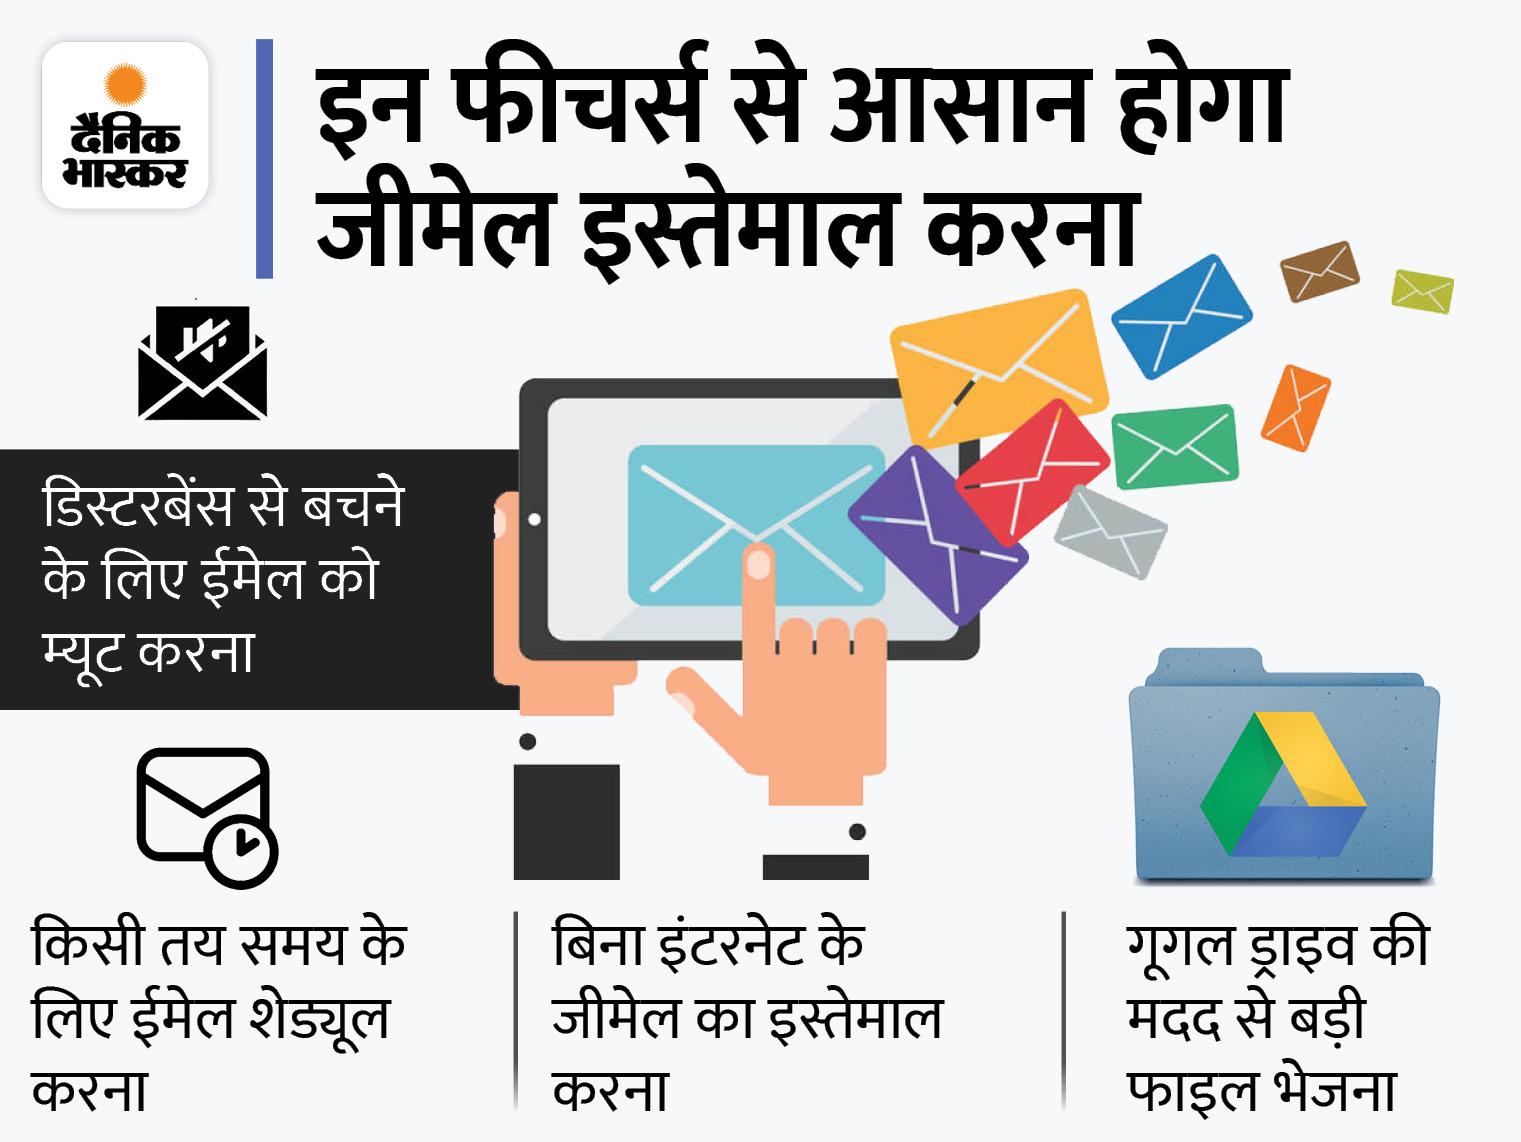 बिना इंटरनेट के भी कर सकते हैं जीमेल का इस्तेमाल, जानिए इससे जुडे़ ऐसे ही 10 फीचर्स के बारे में टेक & ऑटो,Tech & Auto - Dainik Bhaskar